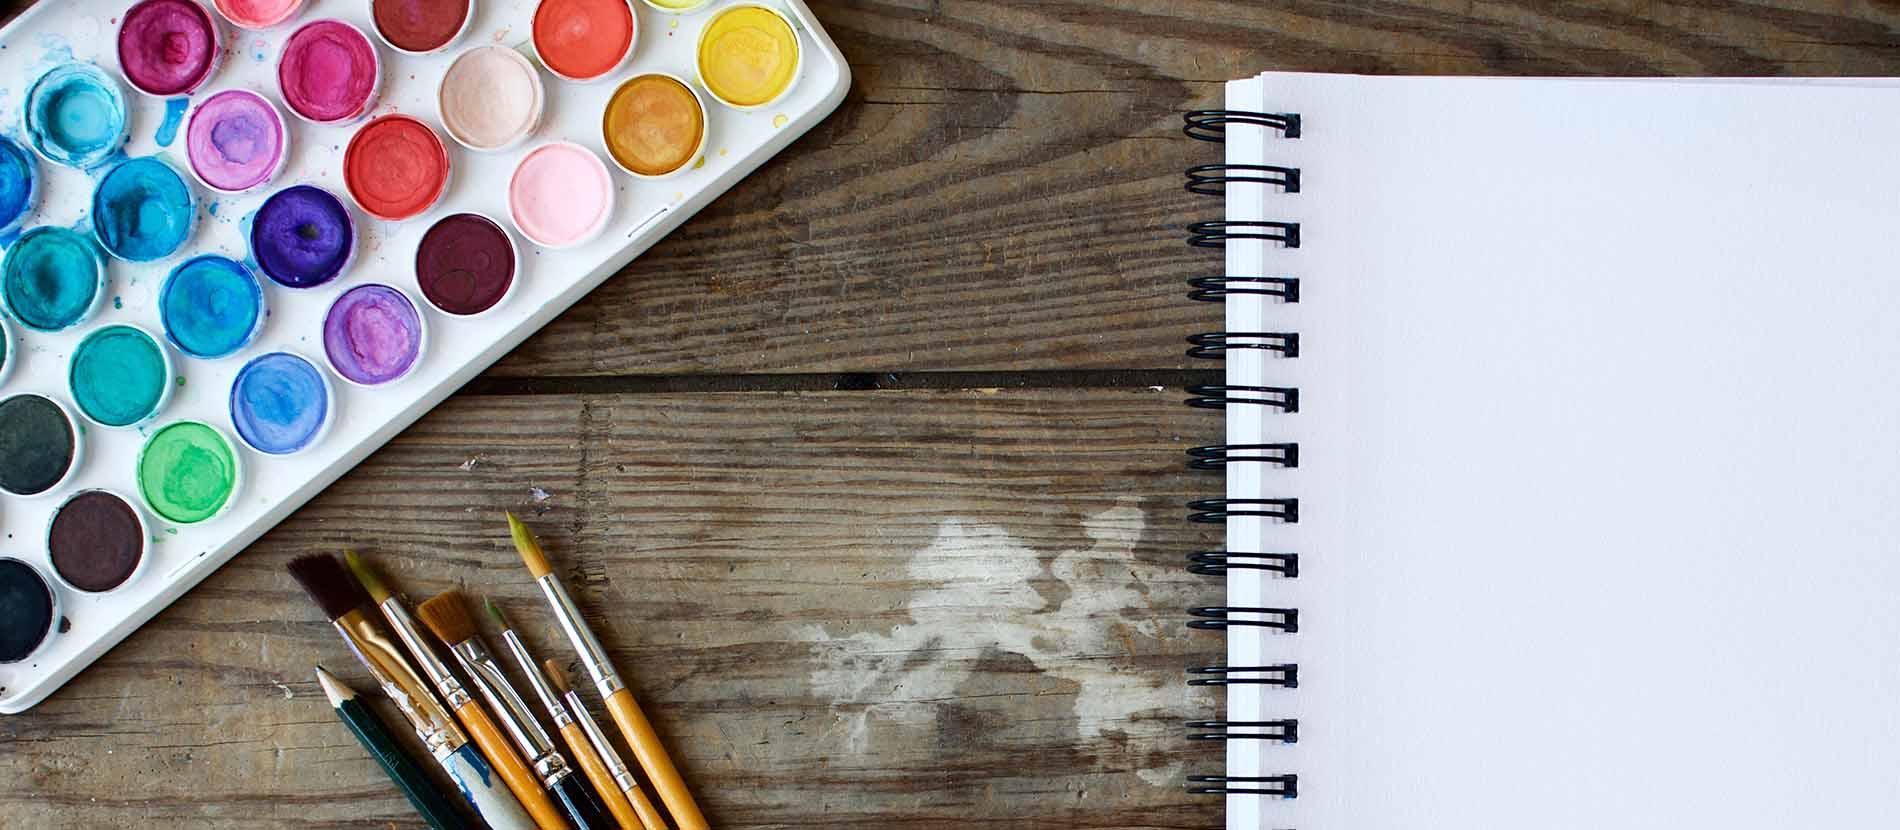 Wassermalfarben, weißer Block und Pinsel auf Holztisch